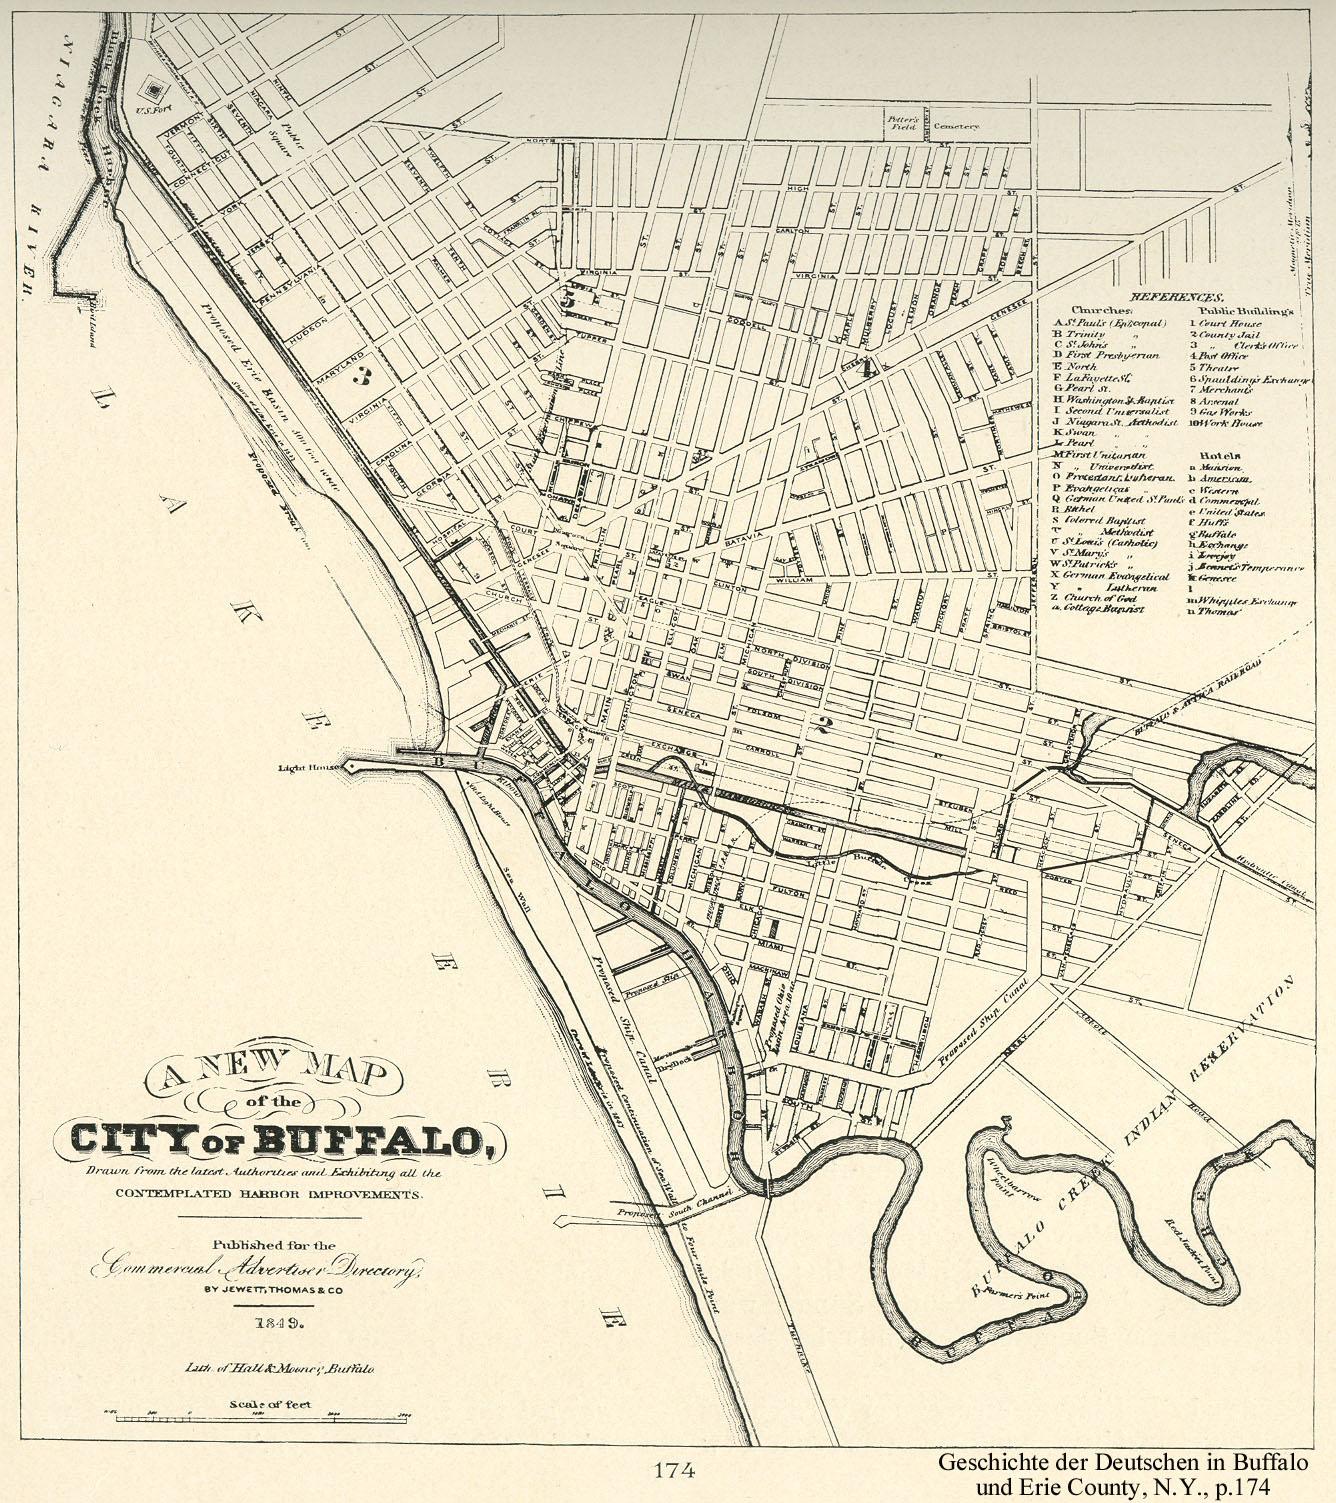 Map of the city of Buffalo, NY 1849